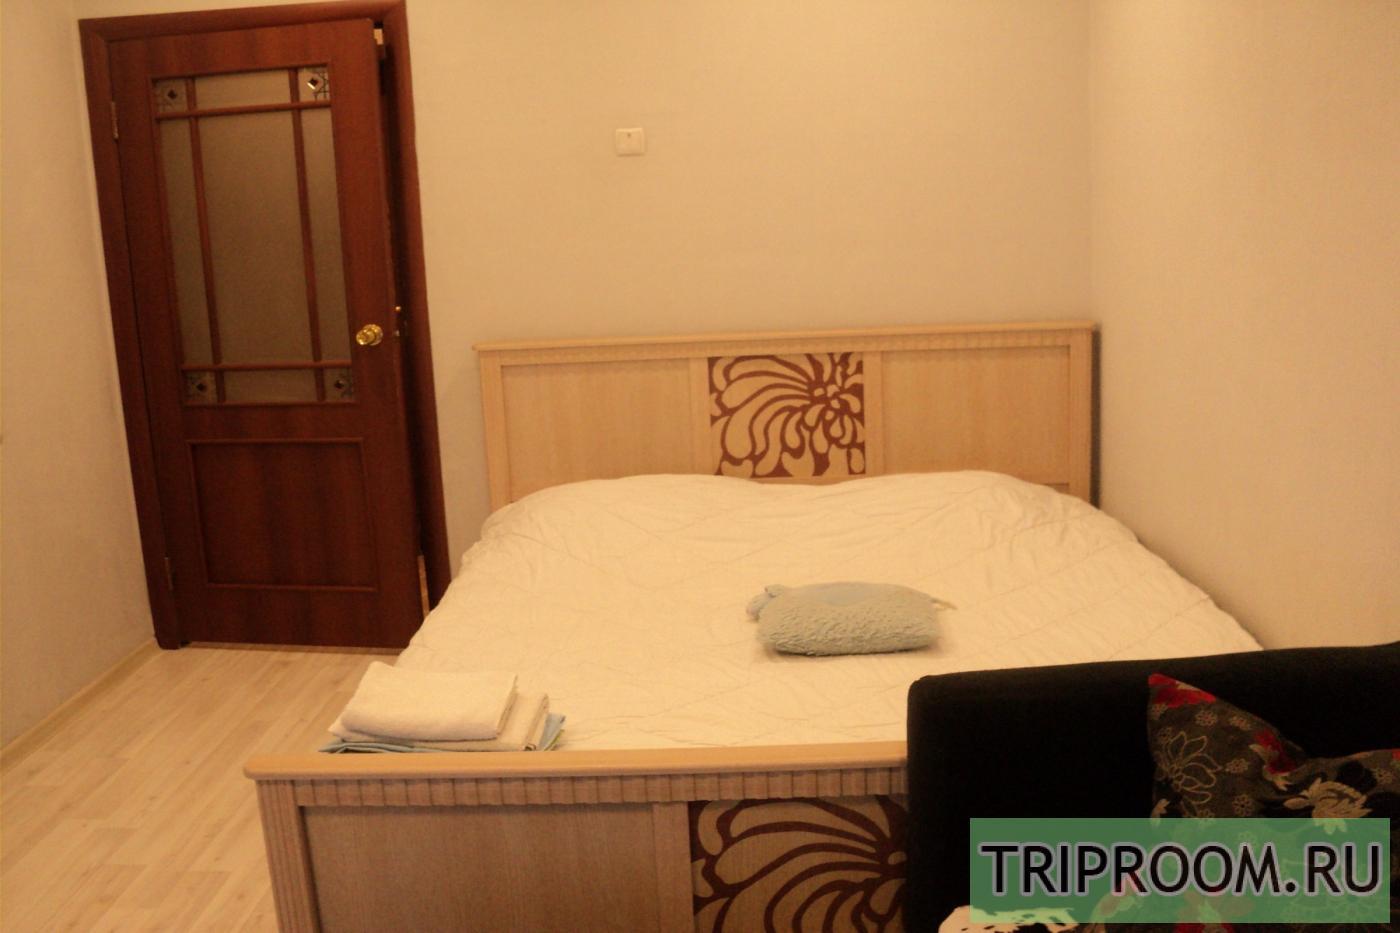 1-комнатная квартира посуточно (вариант № 5800), ул. Молокова улица, фото № 3